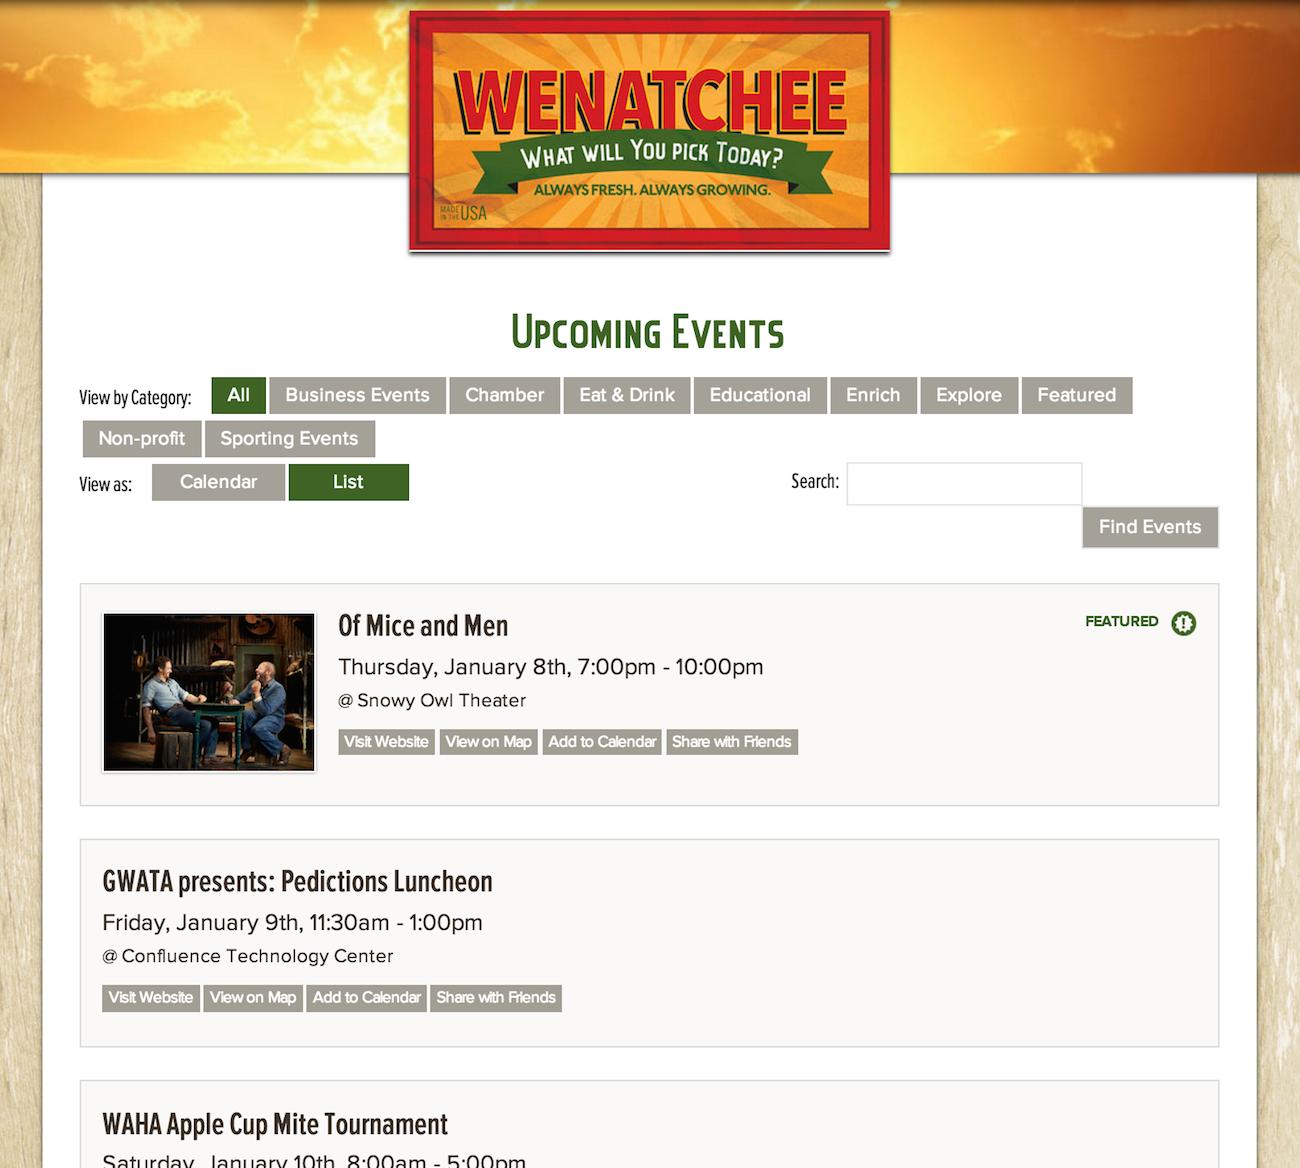 showcase - Wenatchee - list view